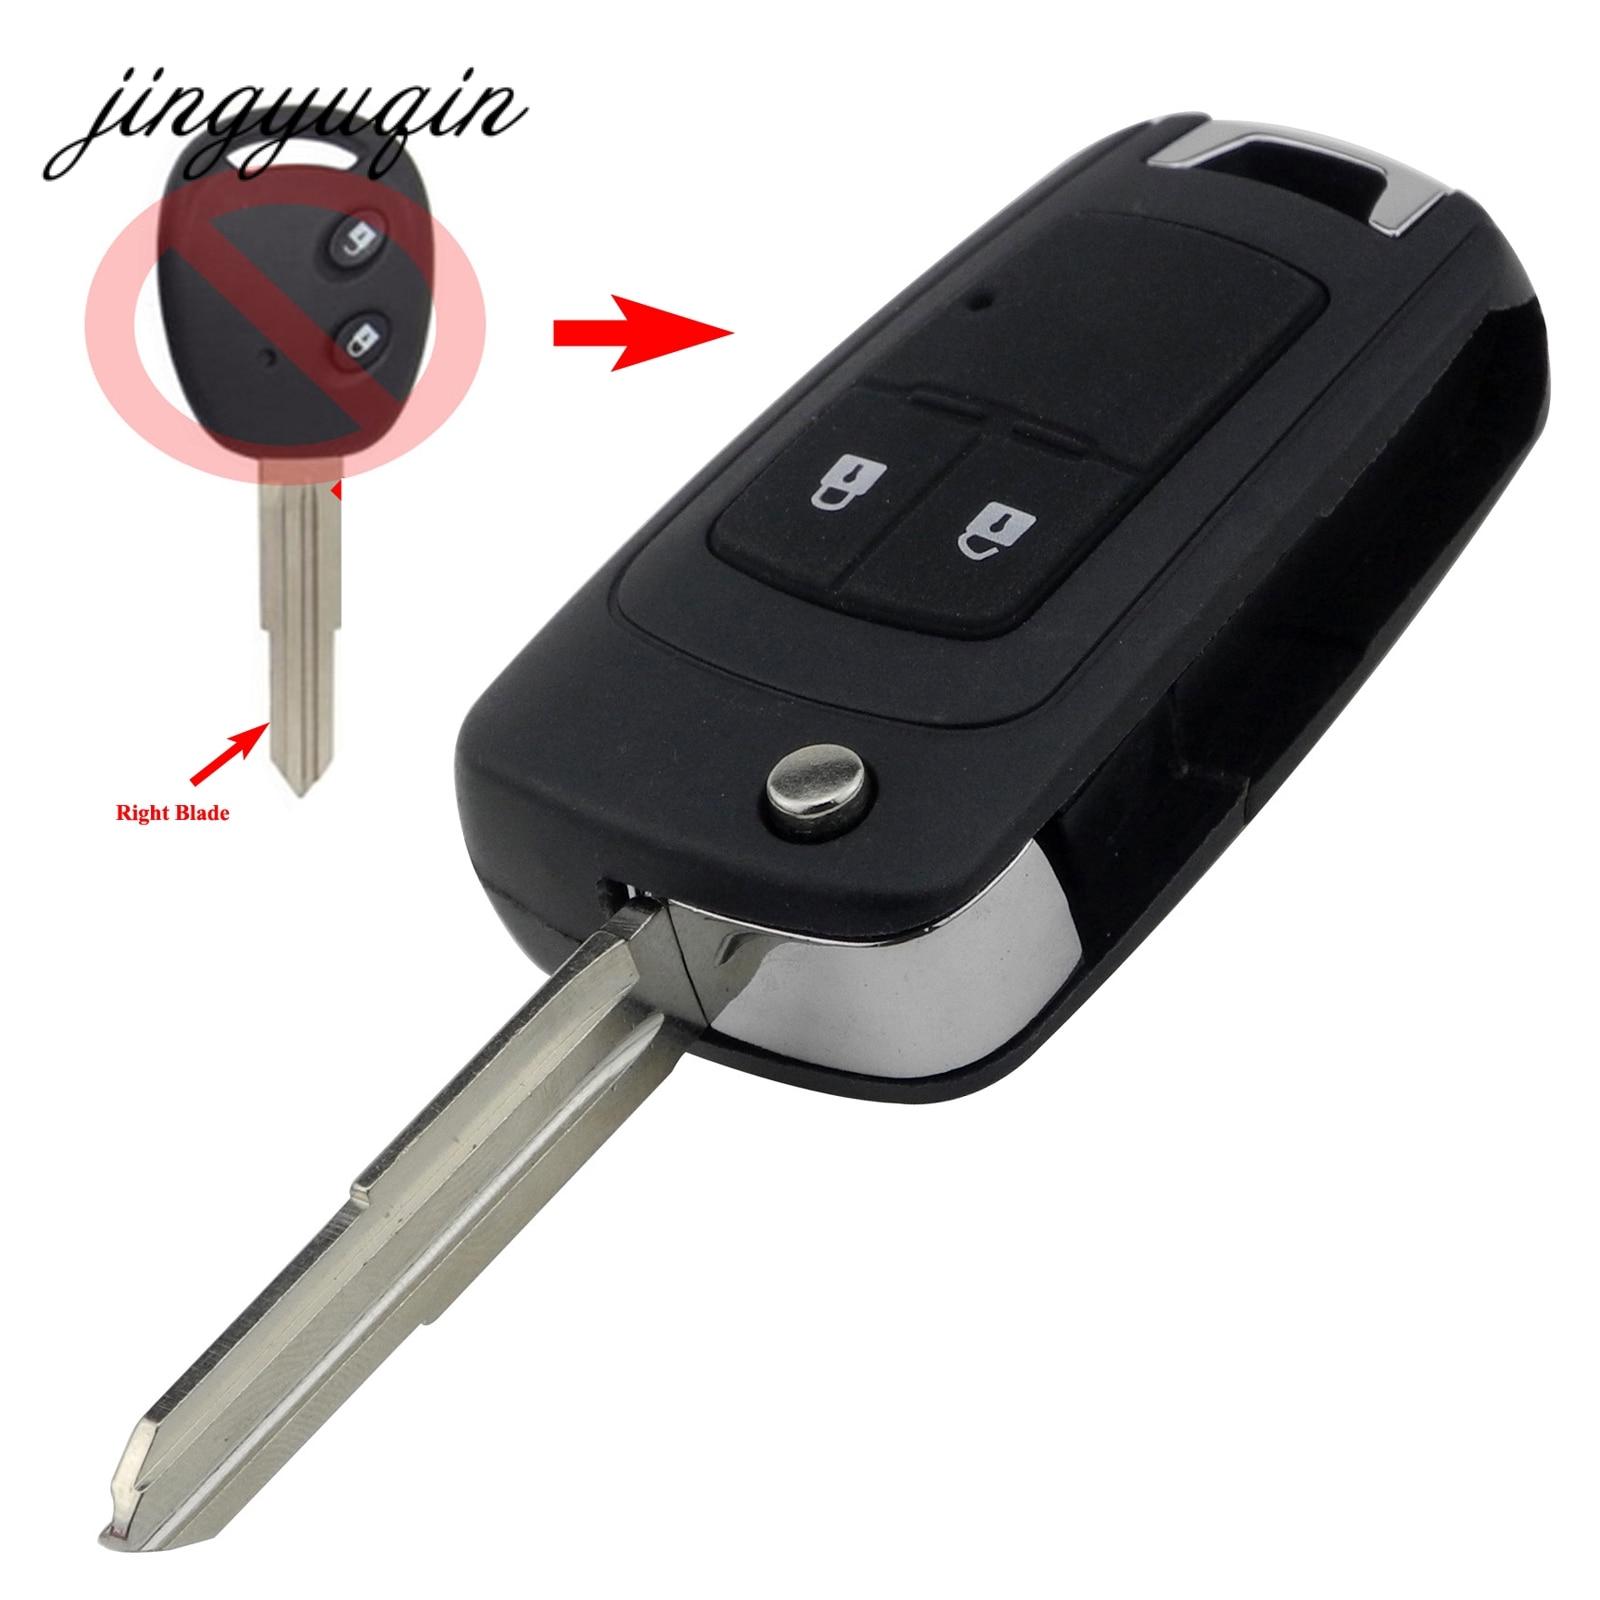 Jingyuqin 2 Taste Geändert Schlag Fernautoschlüsseloberteil Geeignet Für Chevrolet Cruze Aveo Auot Schlüsseletui